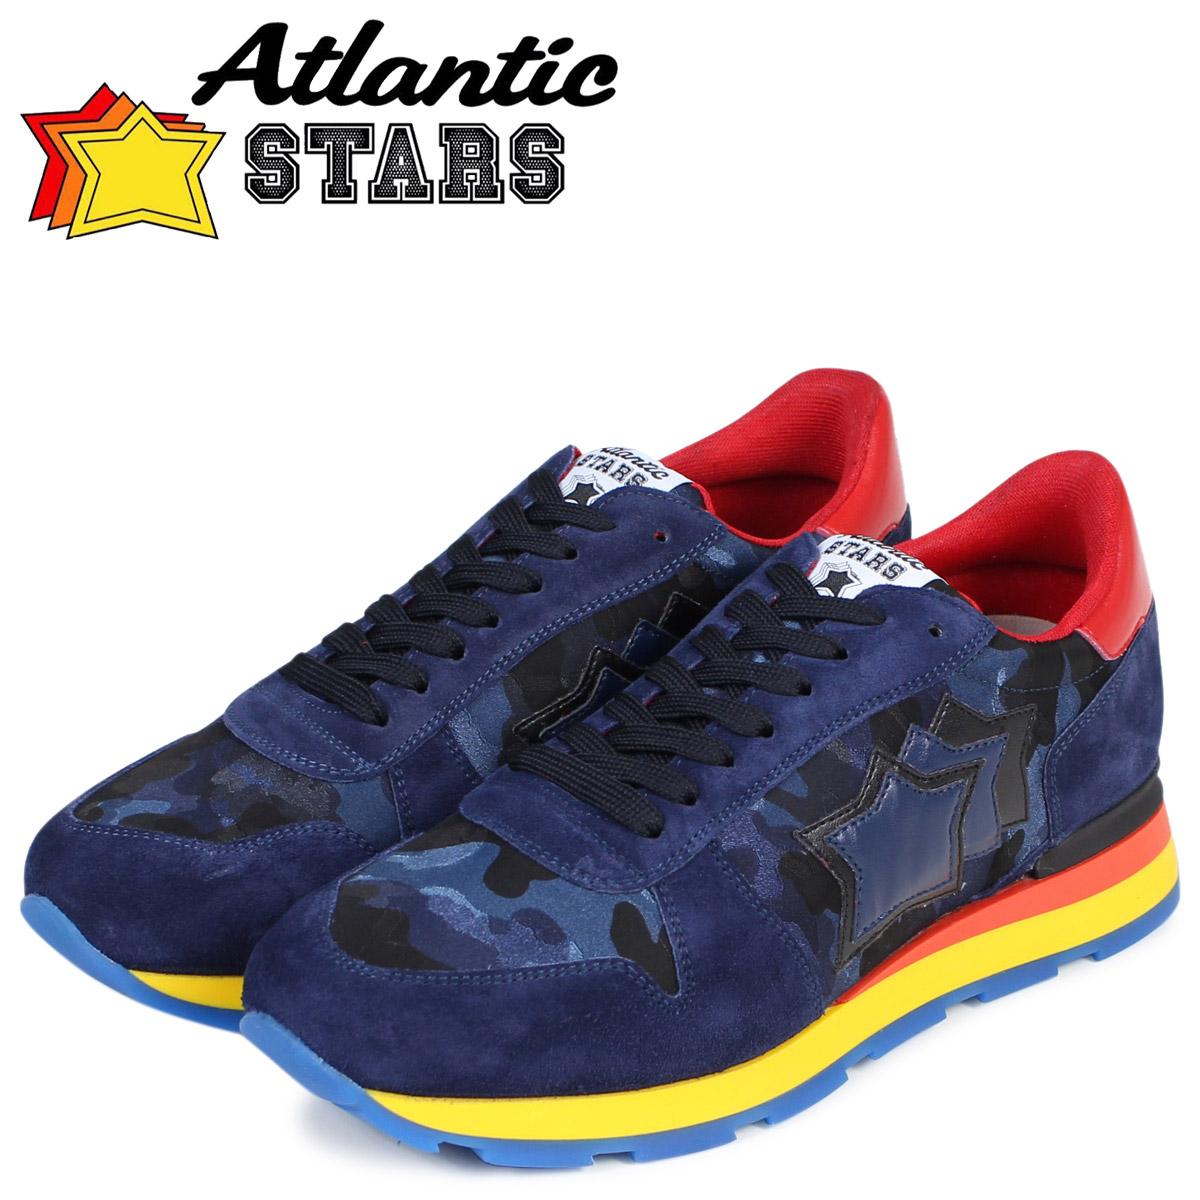 Atlantic STARS メンズ スニーカー アトランティックスターズ シリウス SIRIUS MB-49N 靴 ブルー カモ スエード